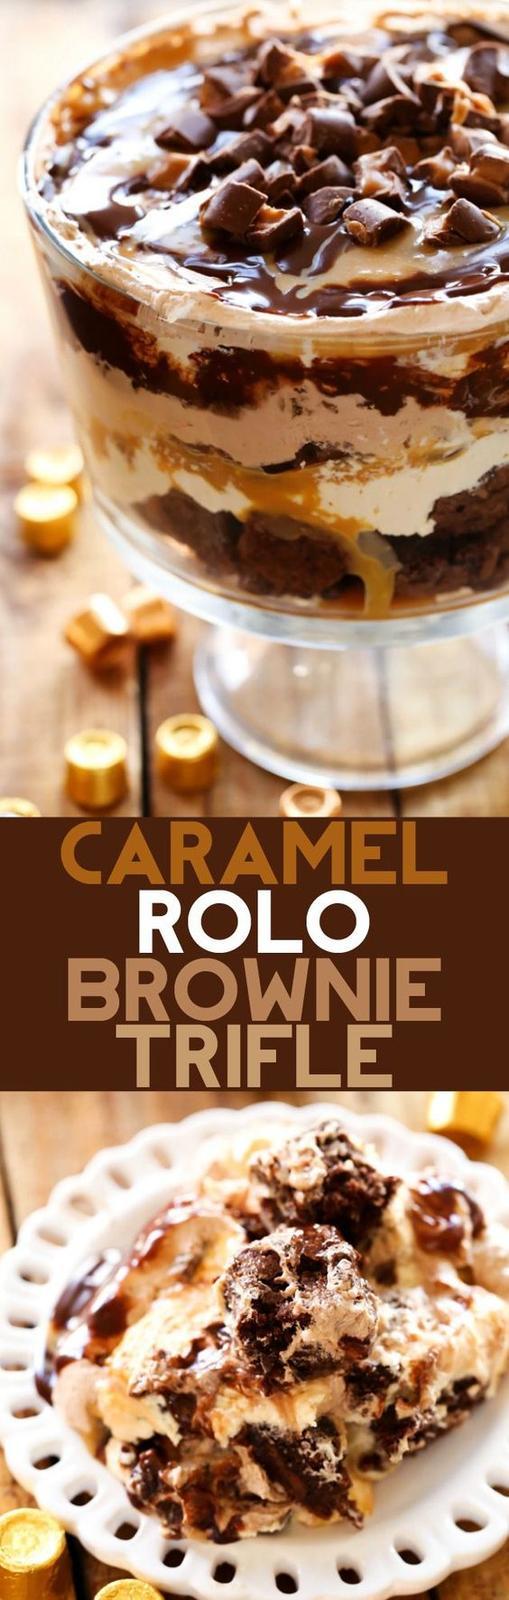 Americké koláčky - Caramel ROLO Brownie Trifle